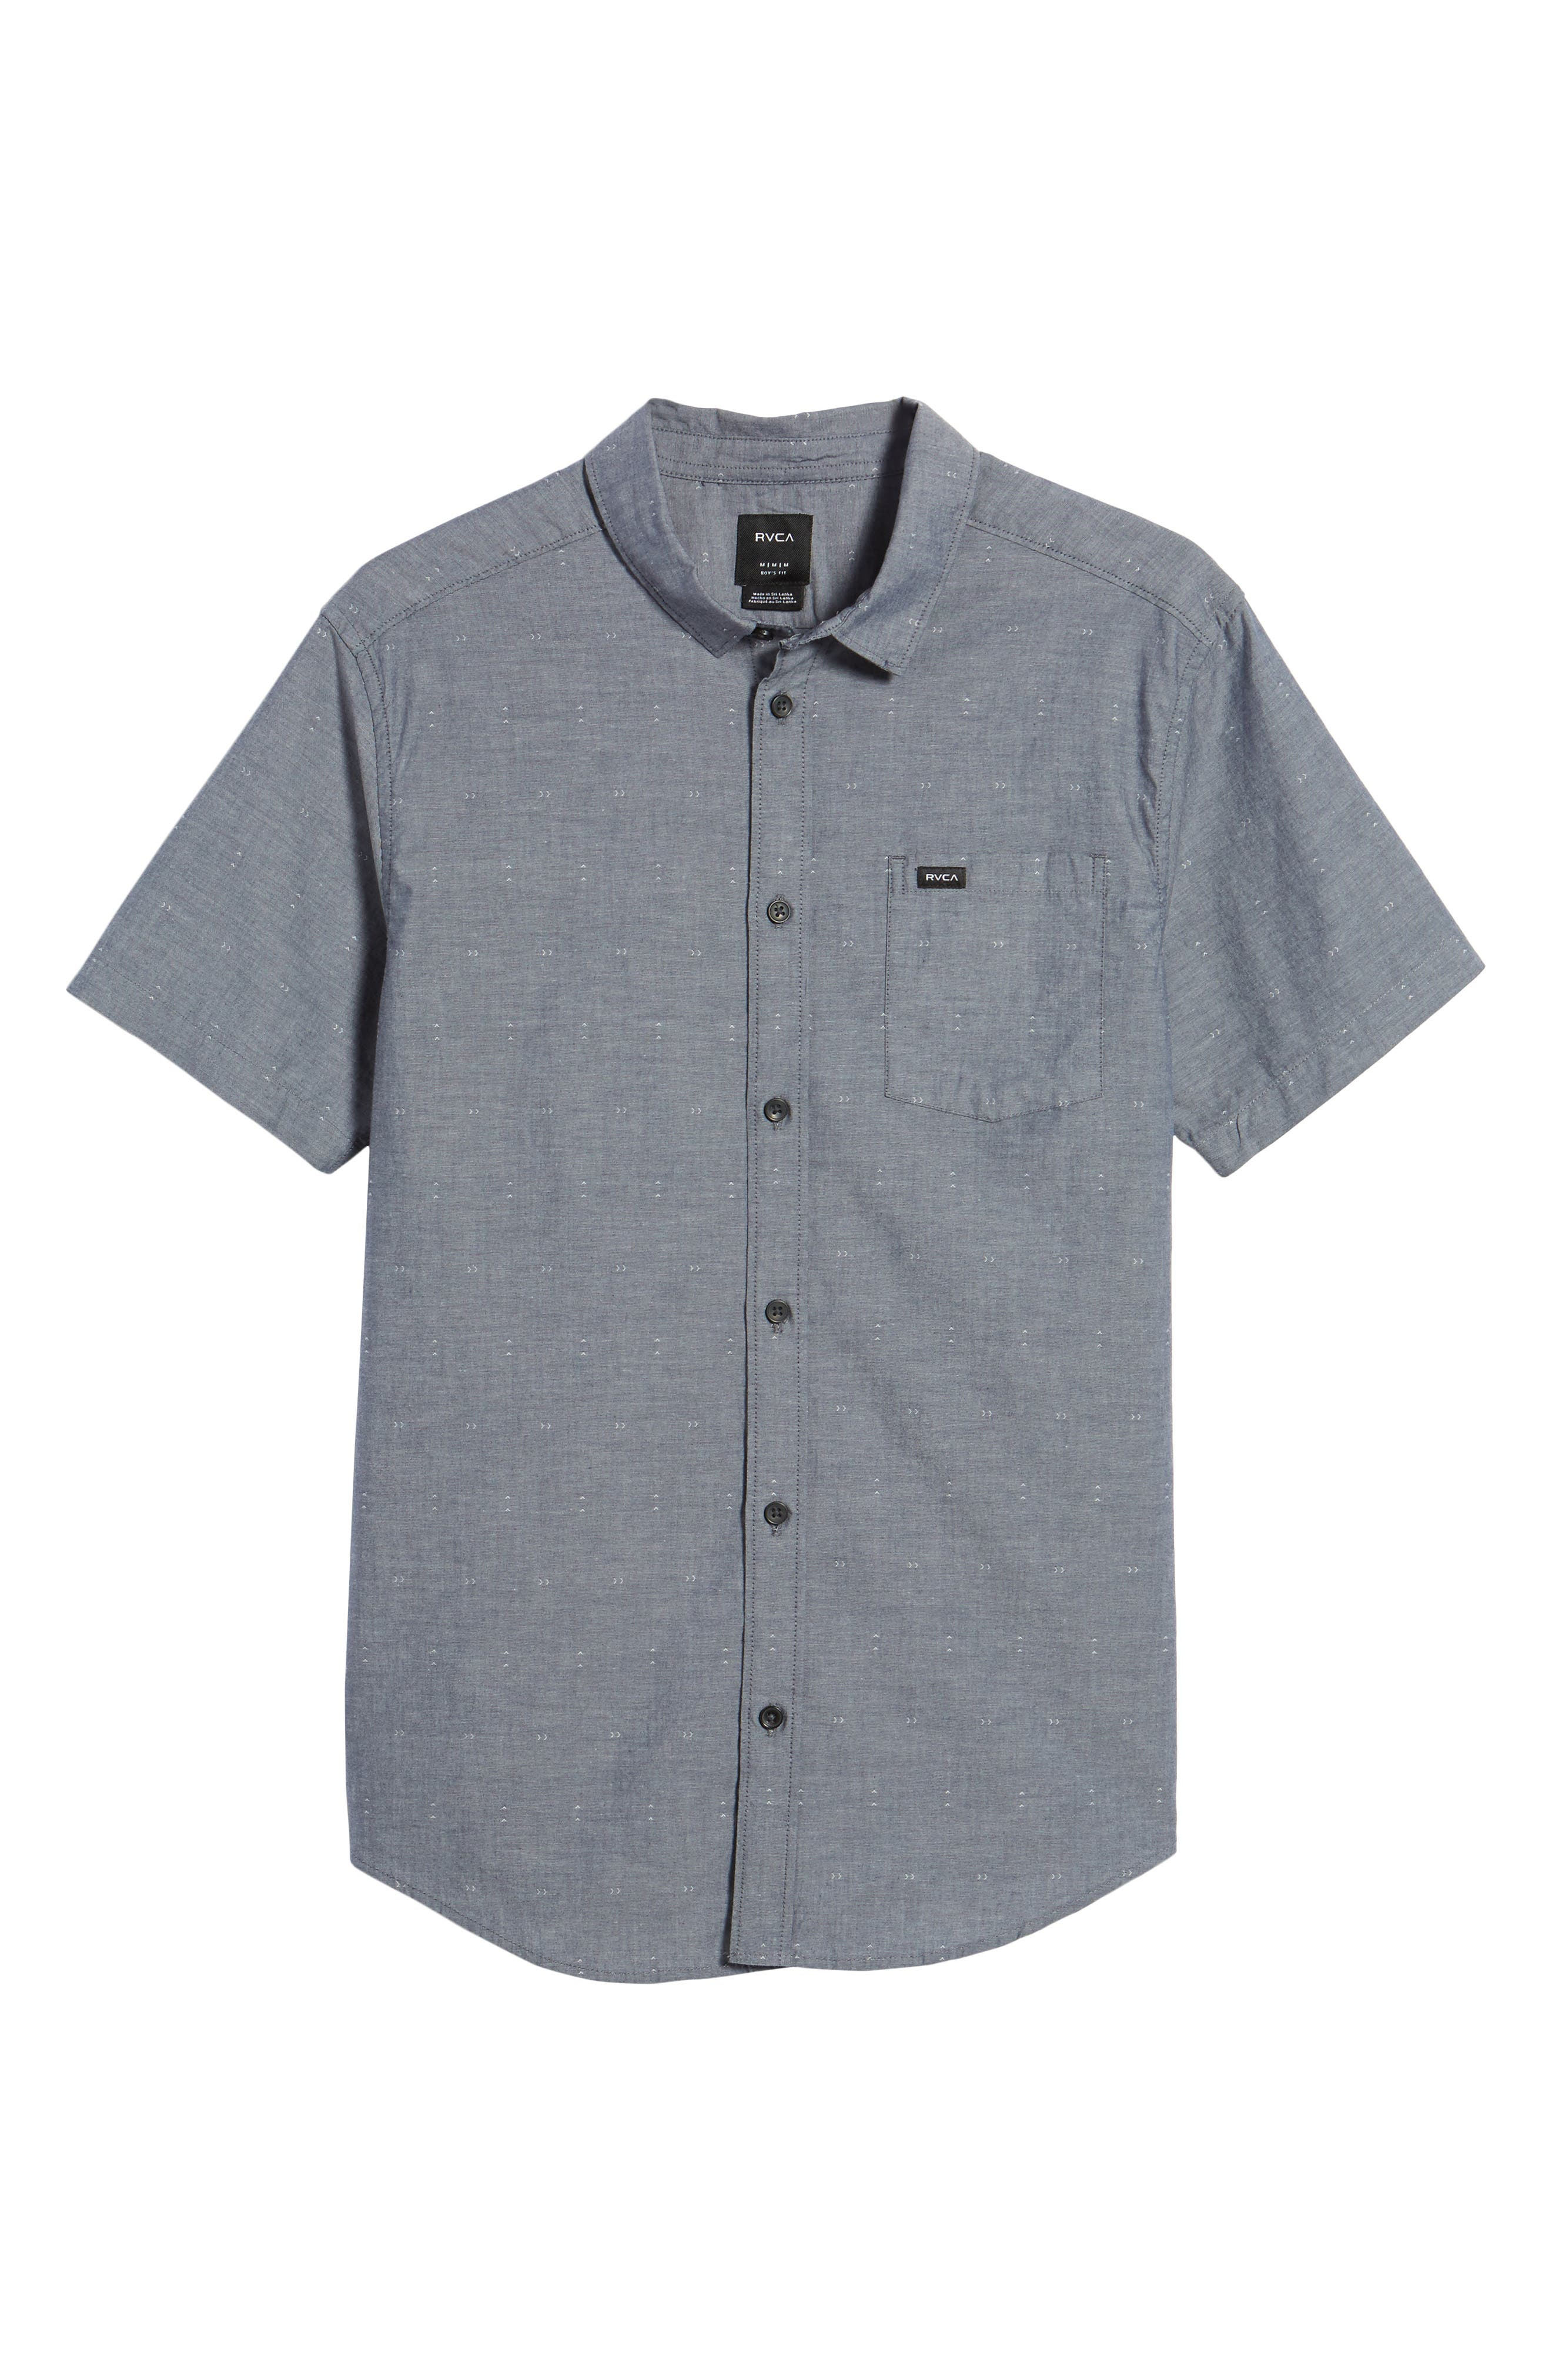 Arrows Woven Shirt,                             Alternate thumbnail 6, color,                             Classic Indigo